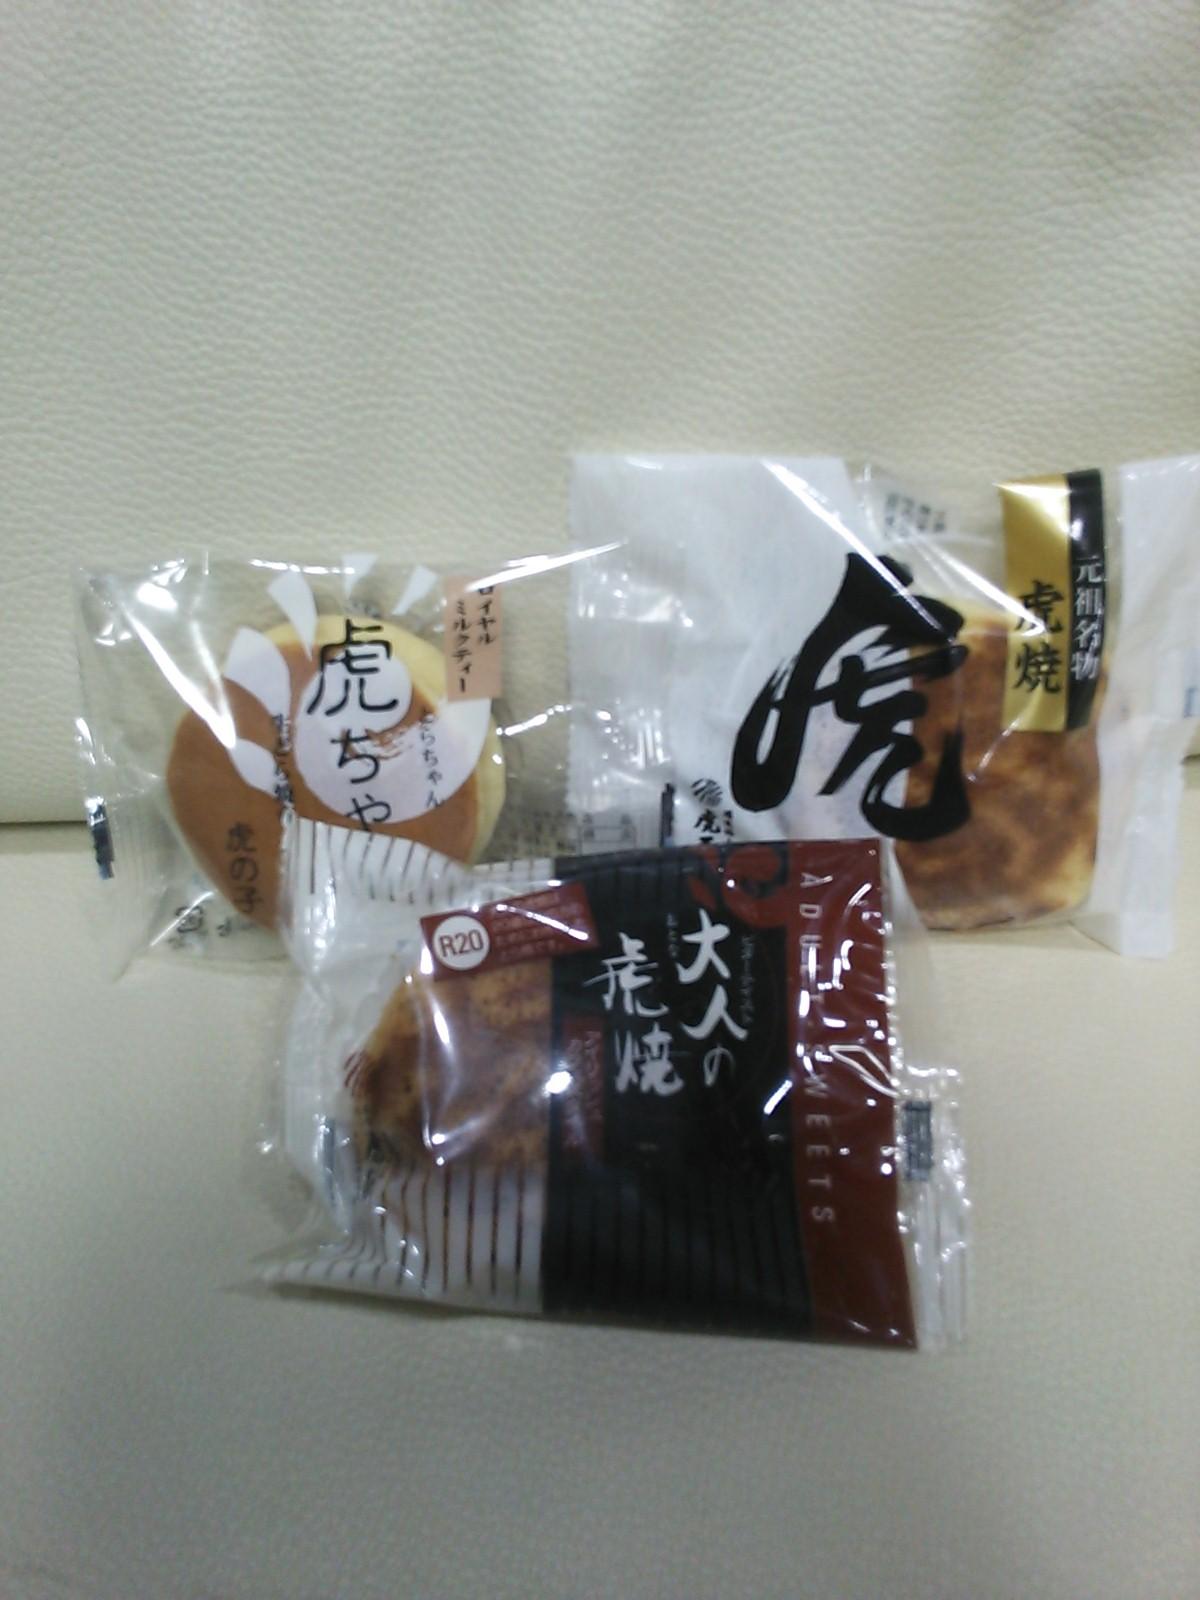 虎屋本舗 松永店